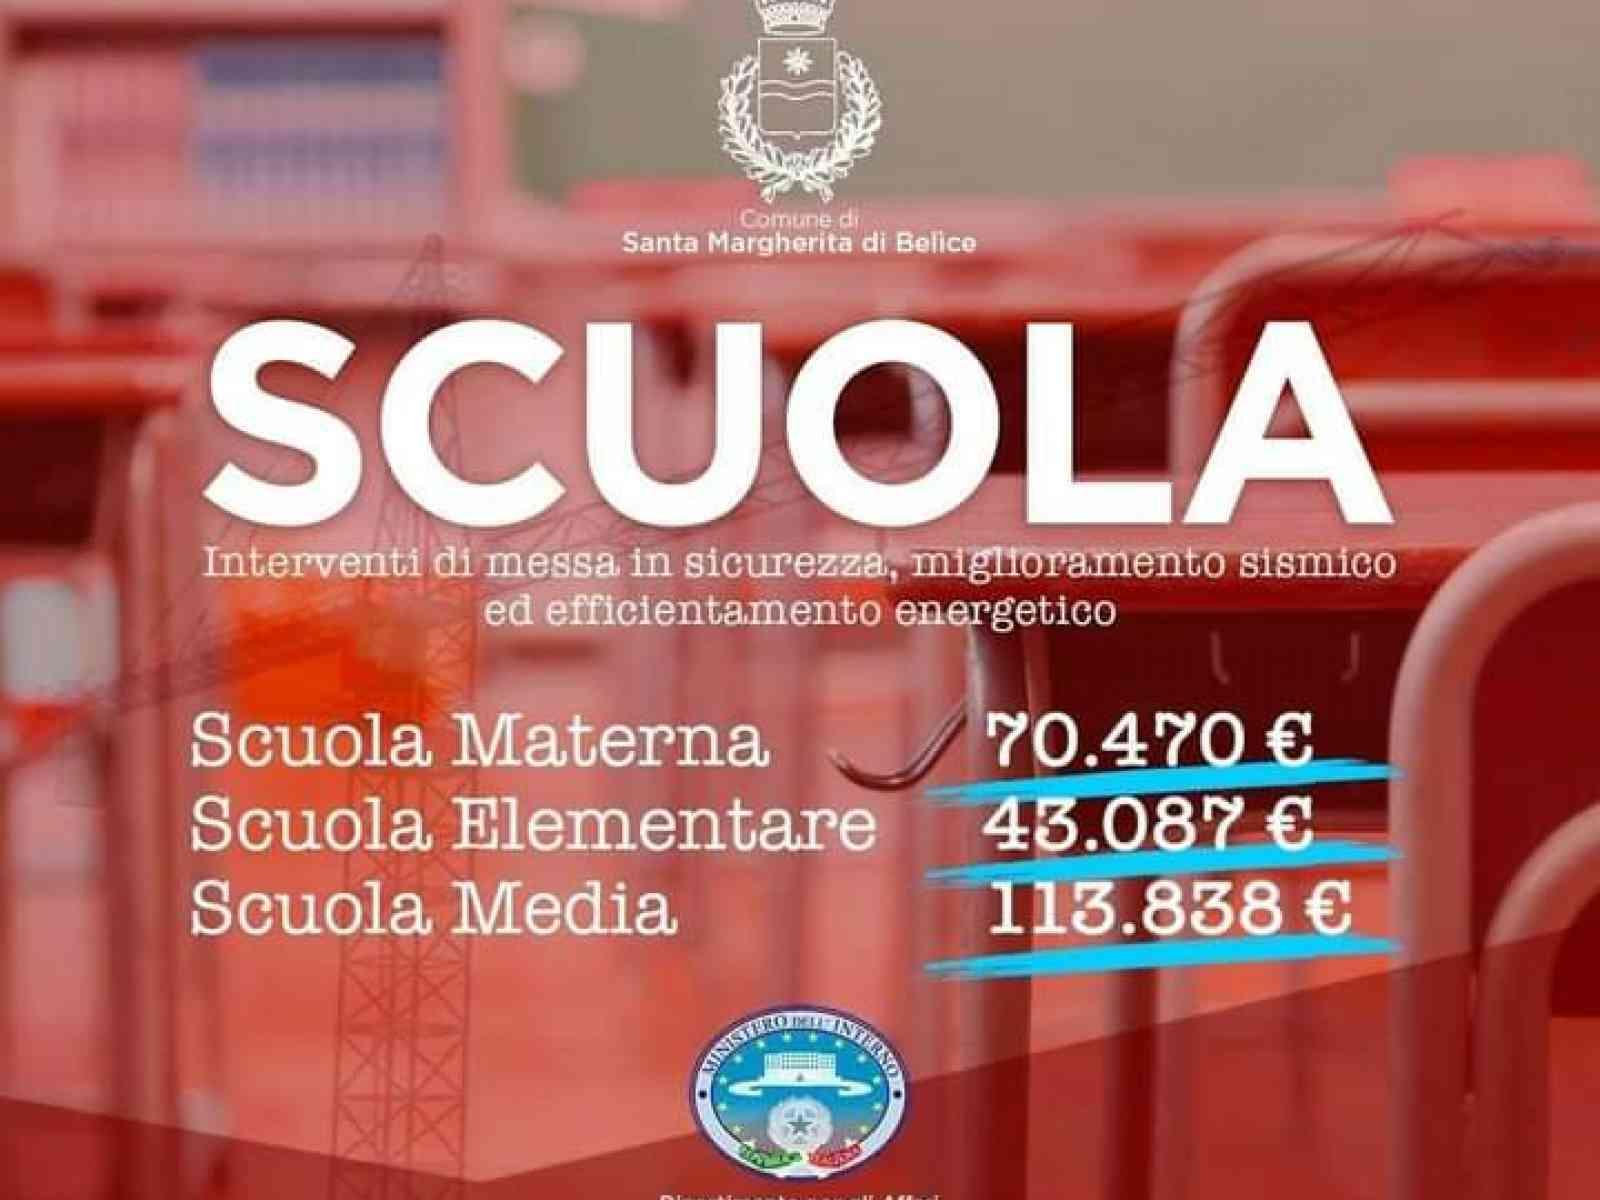 Immagine articolo: Santa Margherita, finanziamenti in arrivi per la progettazione della sicurezza scolastica della materna, elementare e media